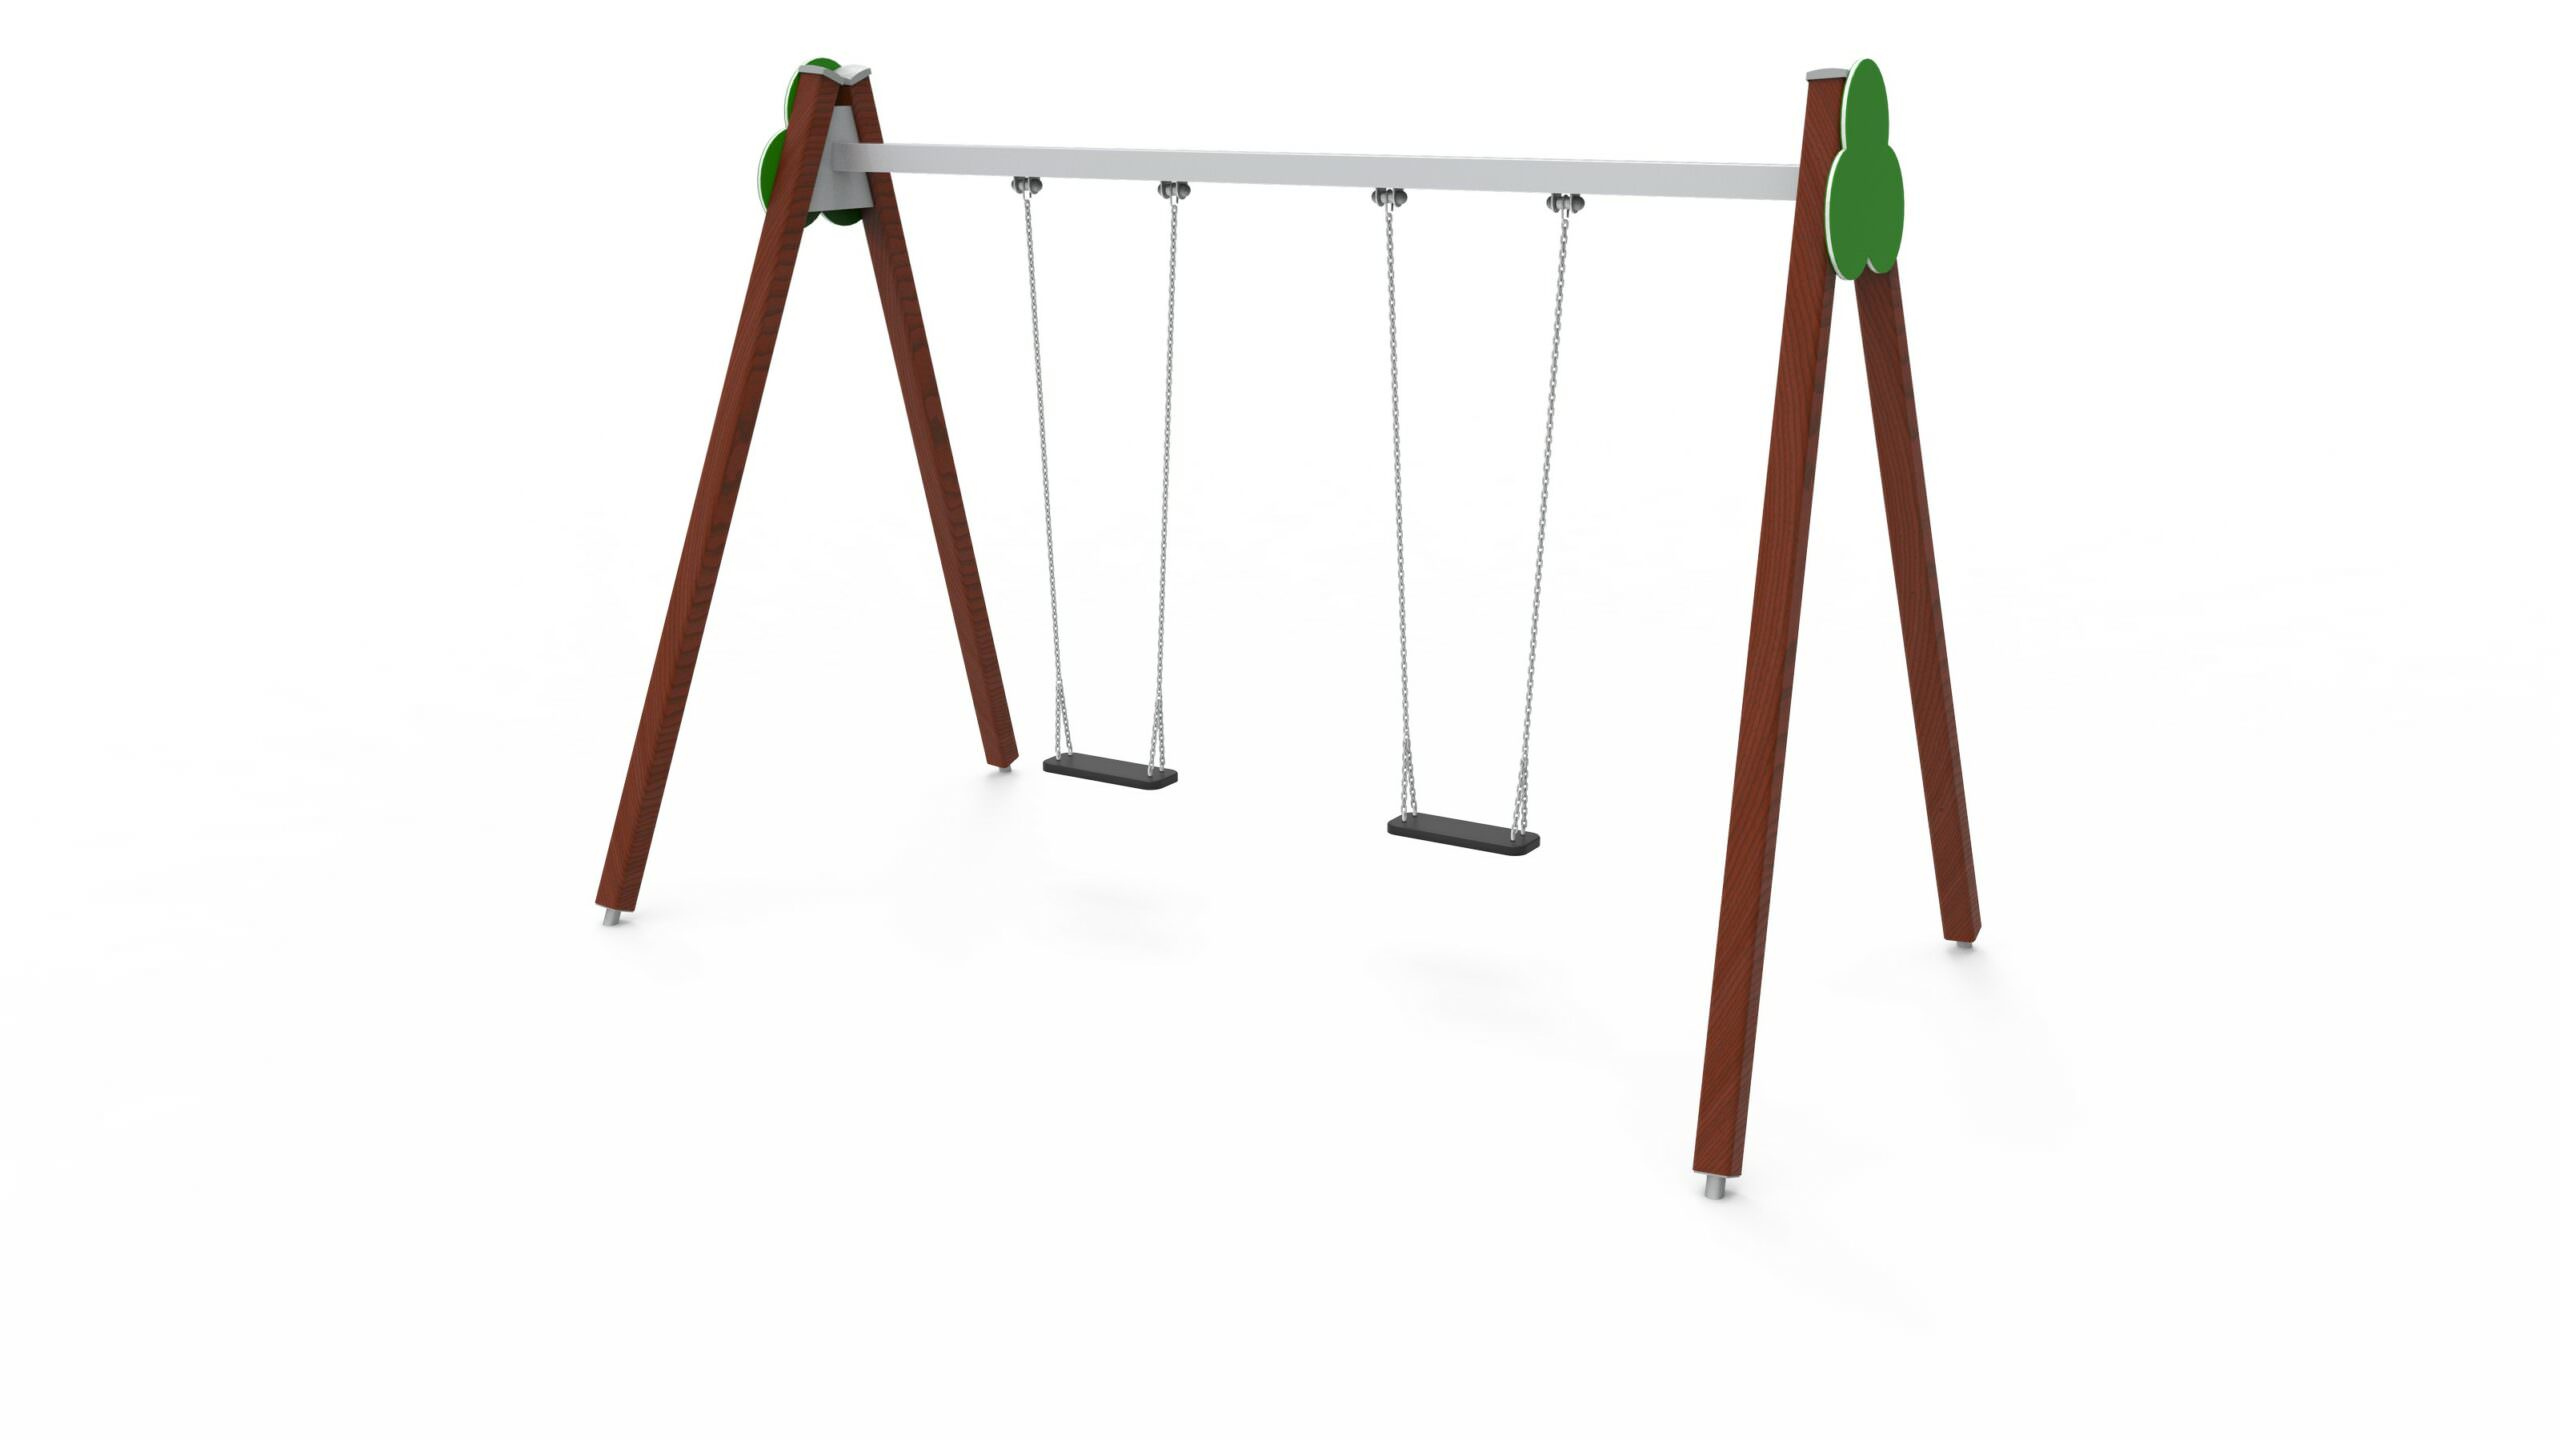 Double Pendulum Swing